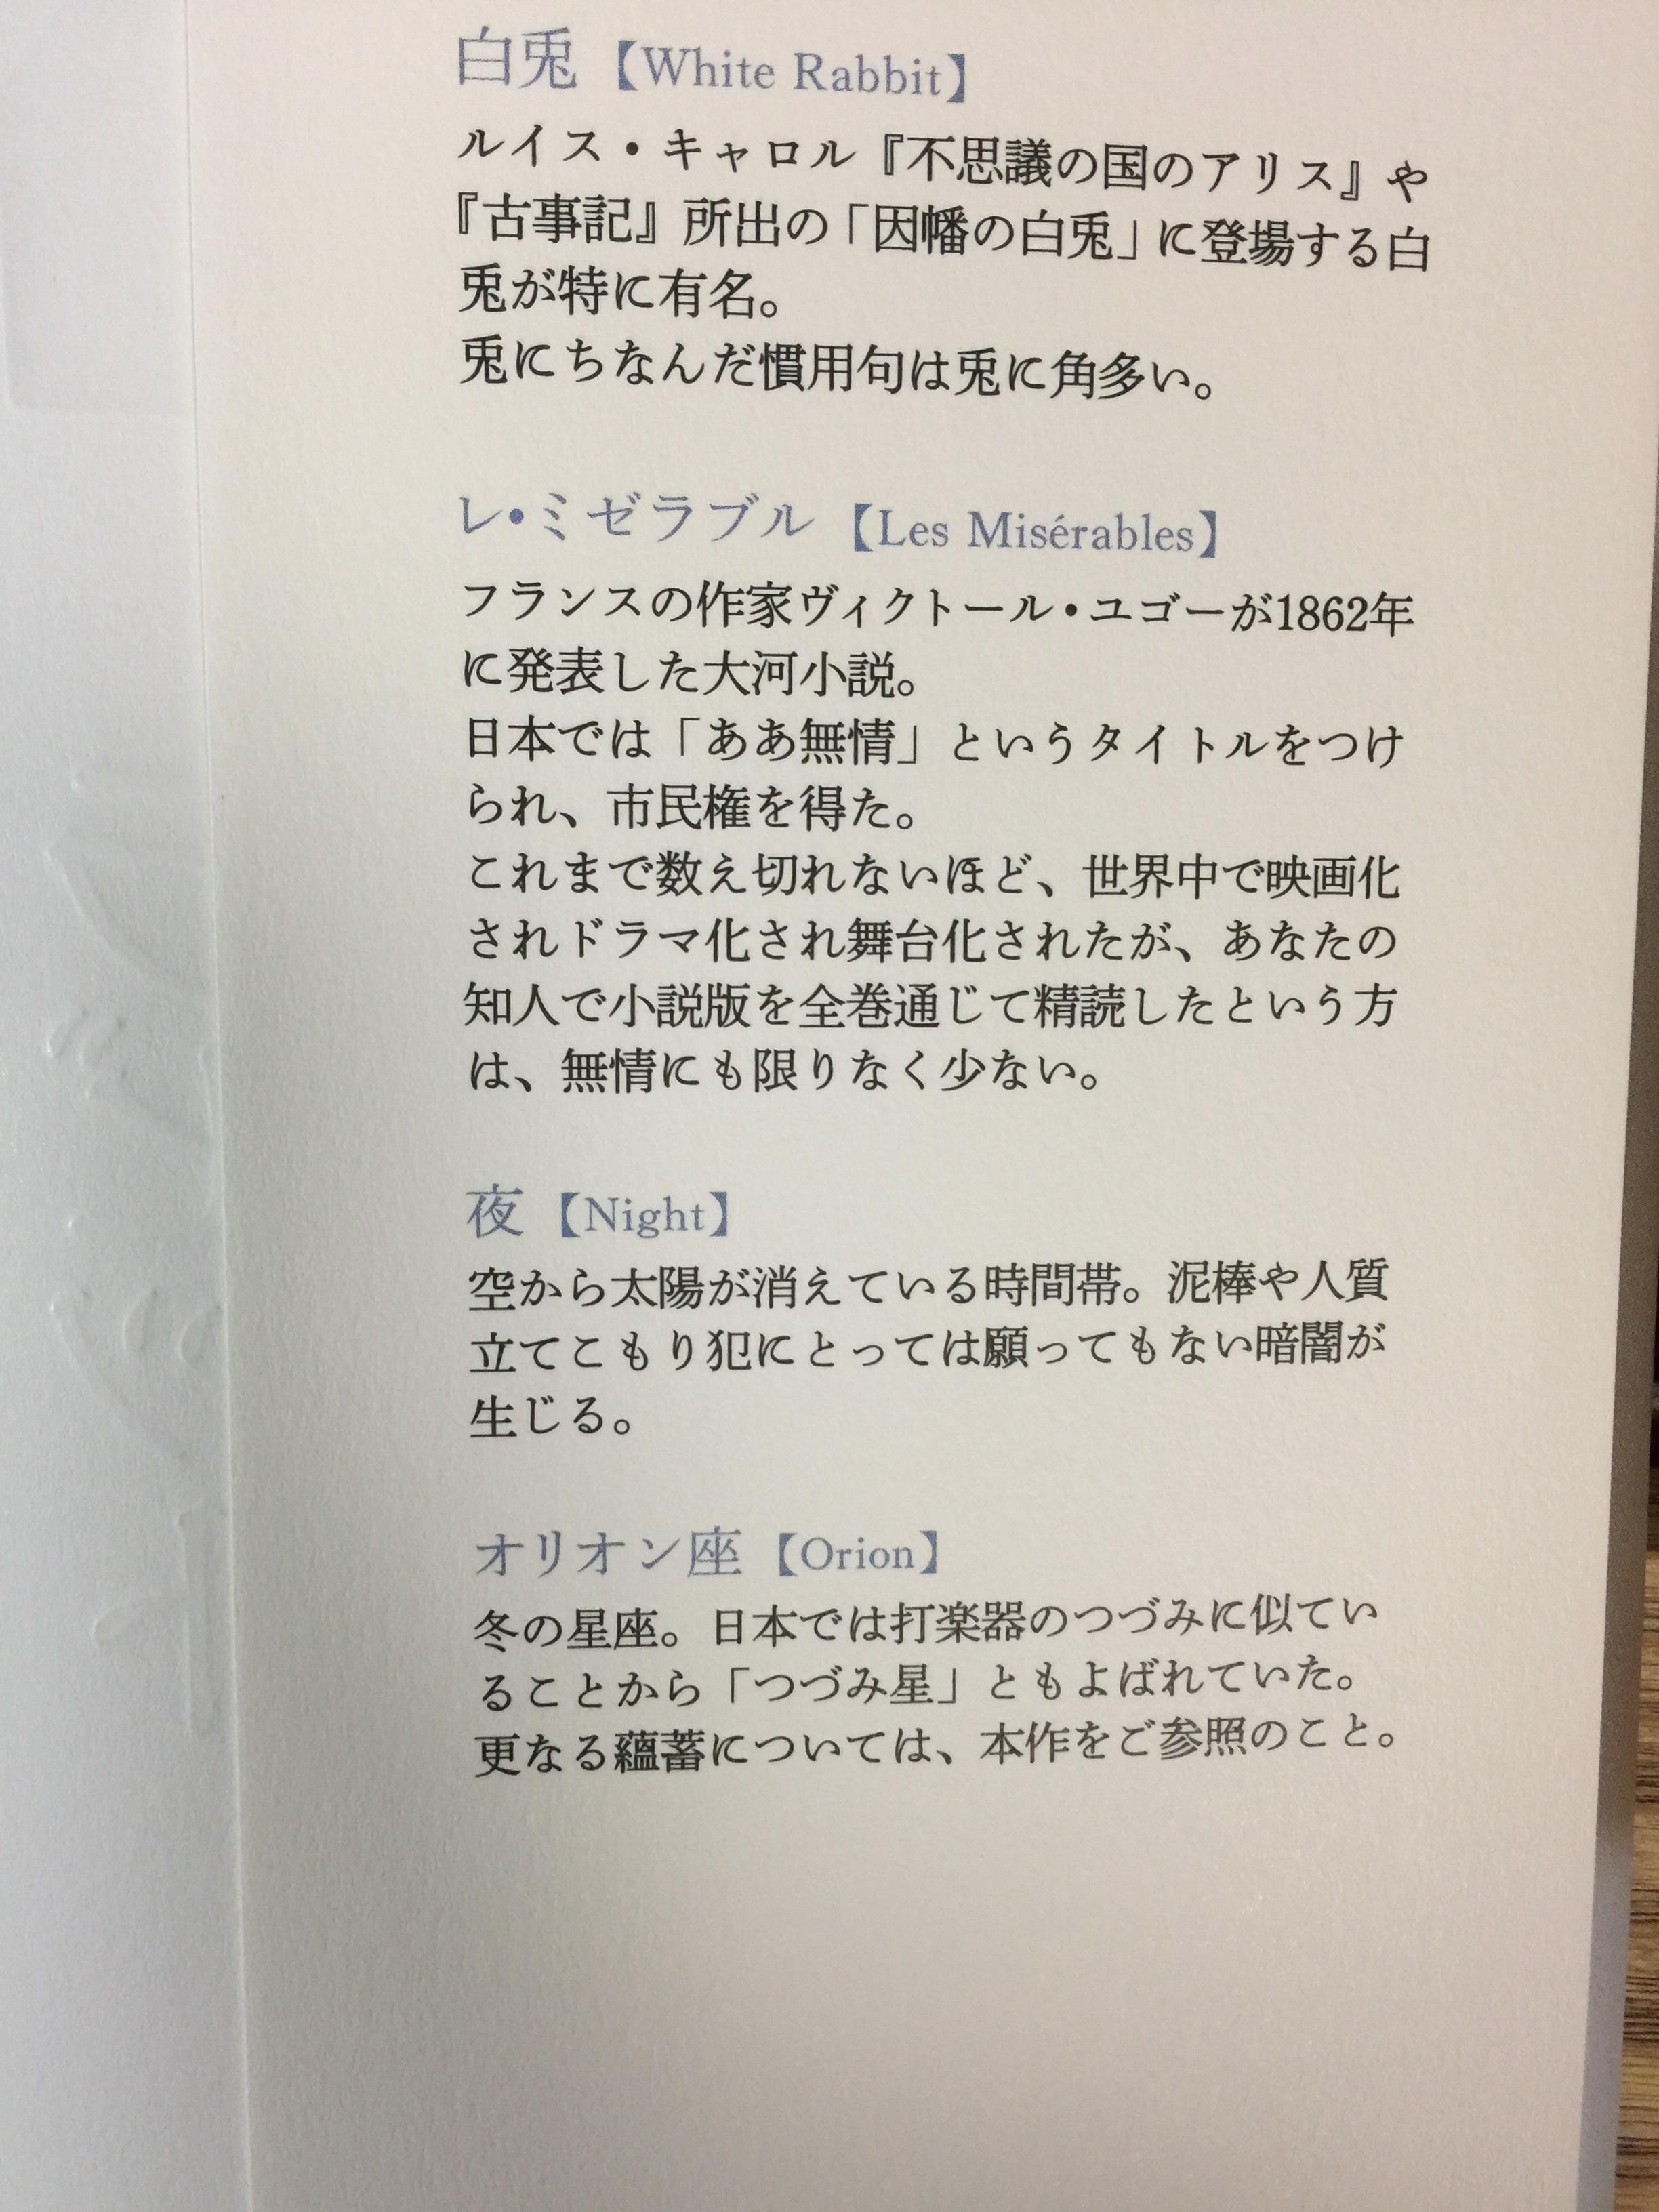 『ホワイトラビット』 伊坂幸太郎 感想